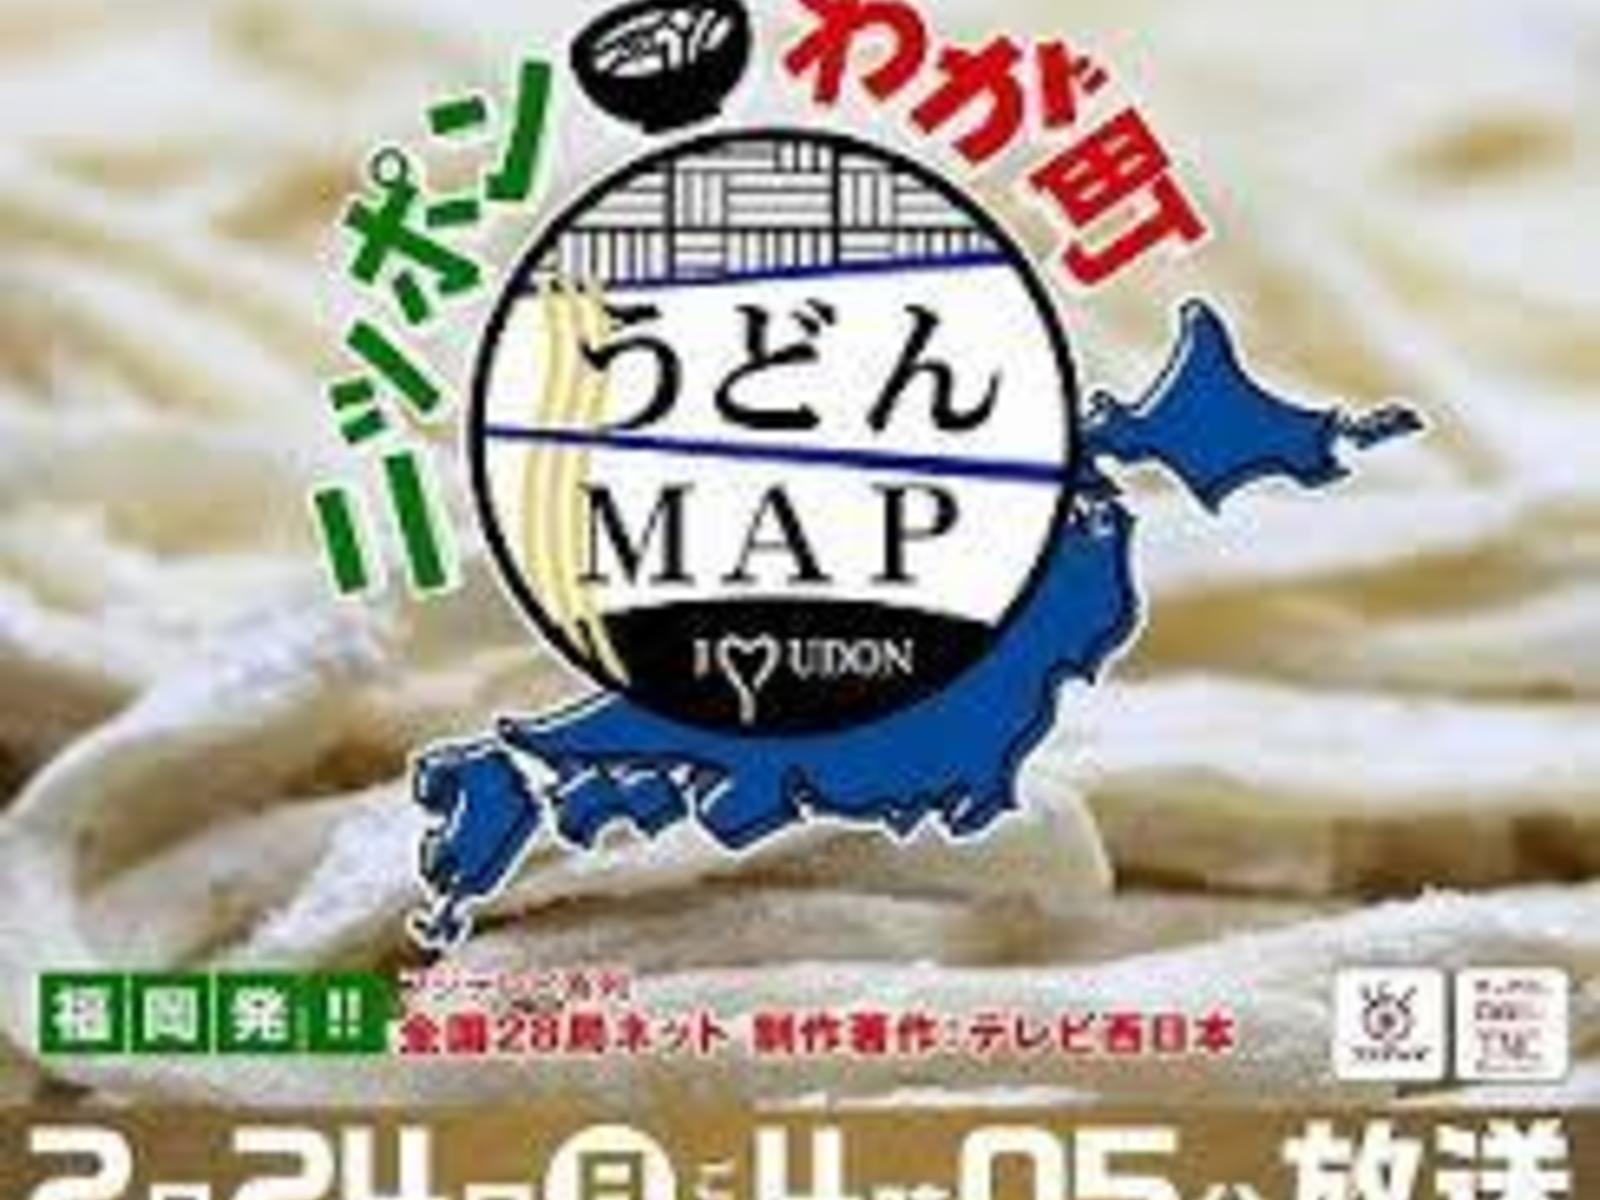 全国版うどんマップ 2月24日(日)16:05~放送されます